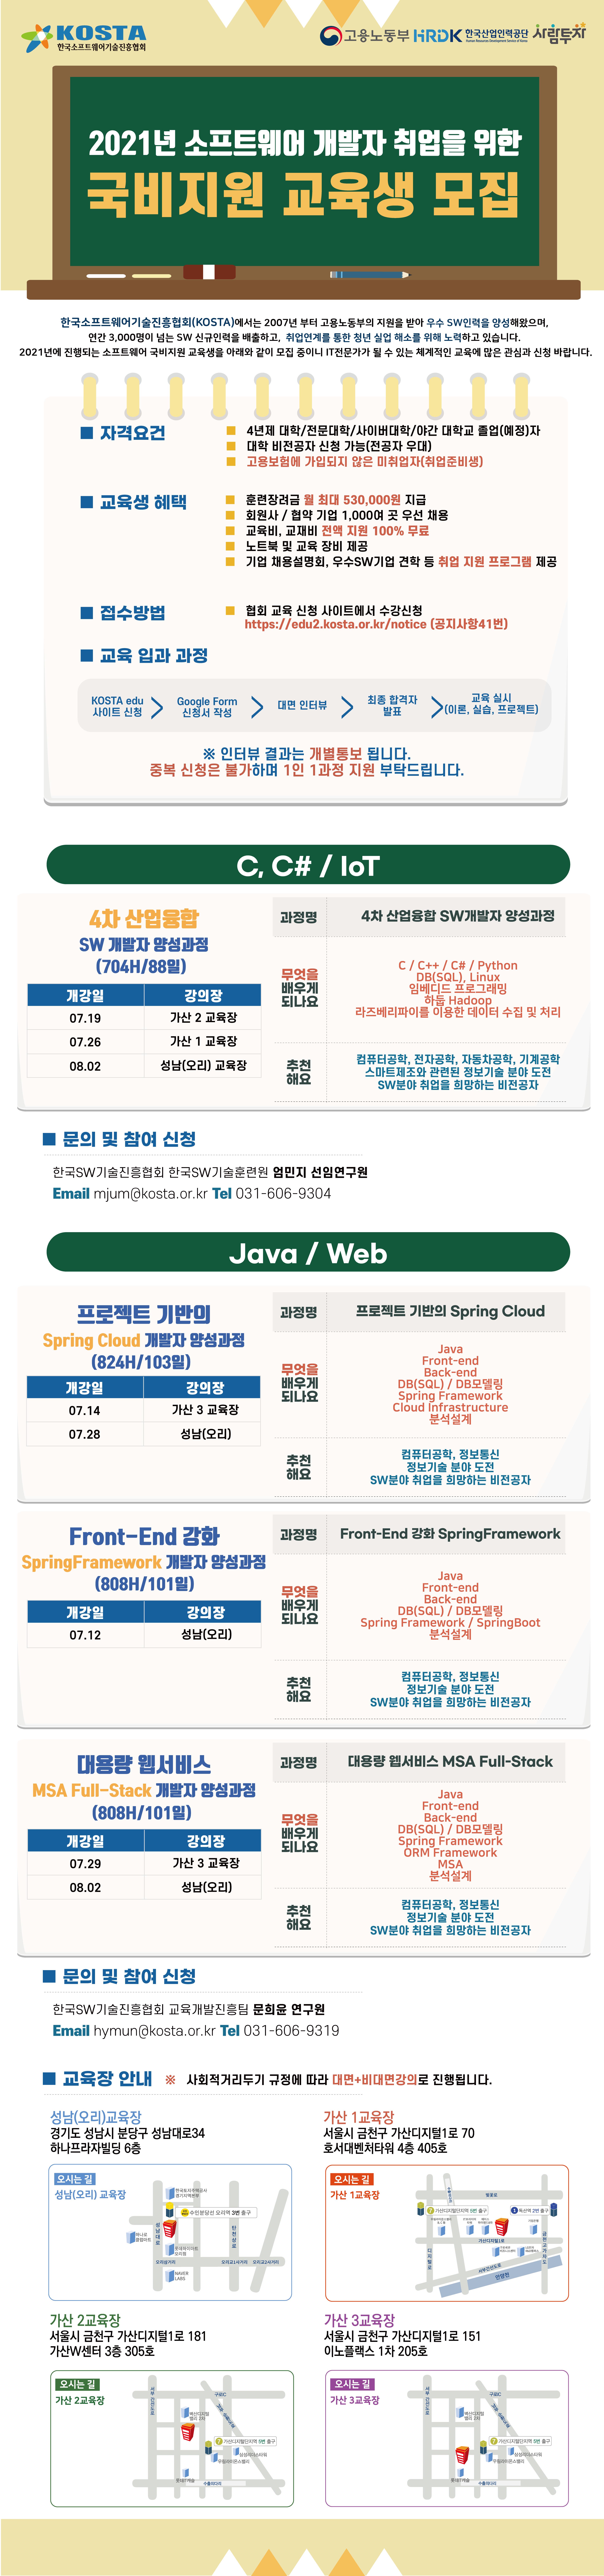 [KOSTA] 소프트웨어 개발자 양성교육 (IoT/Java)